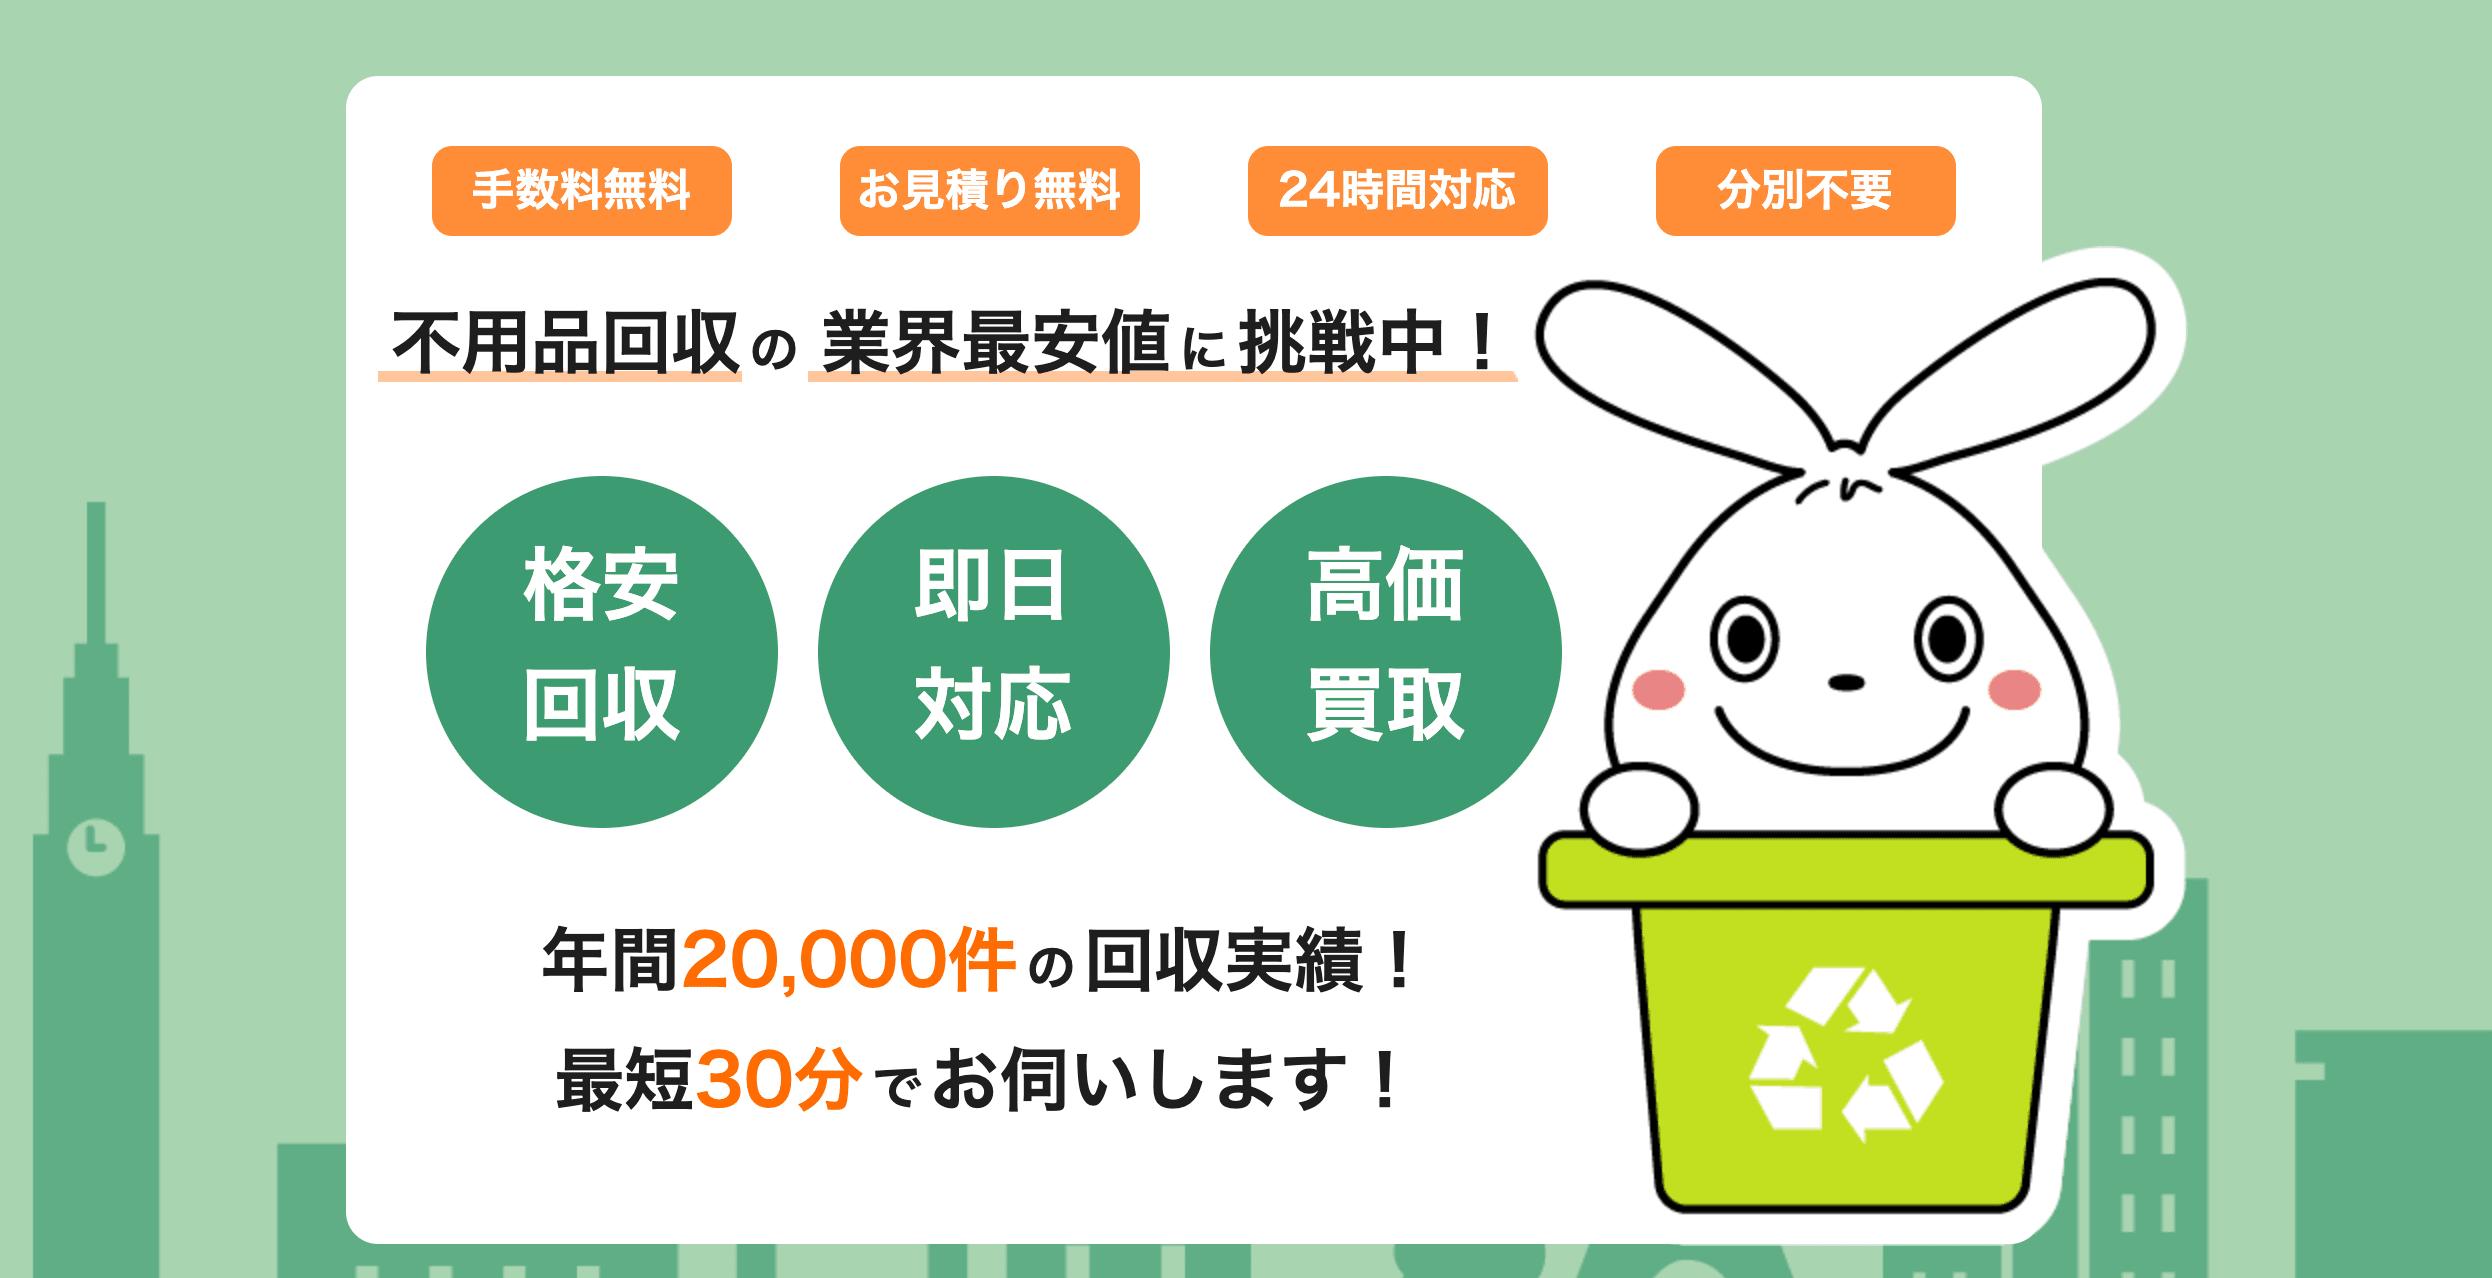 日本不用品回収センターで利用できるサービス